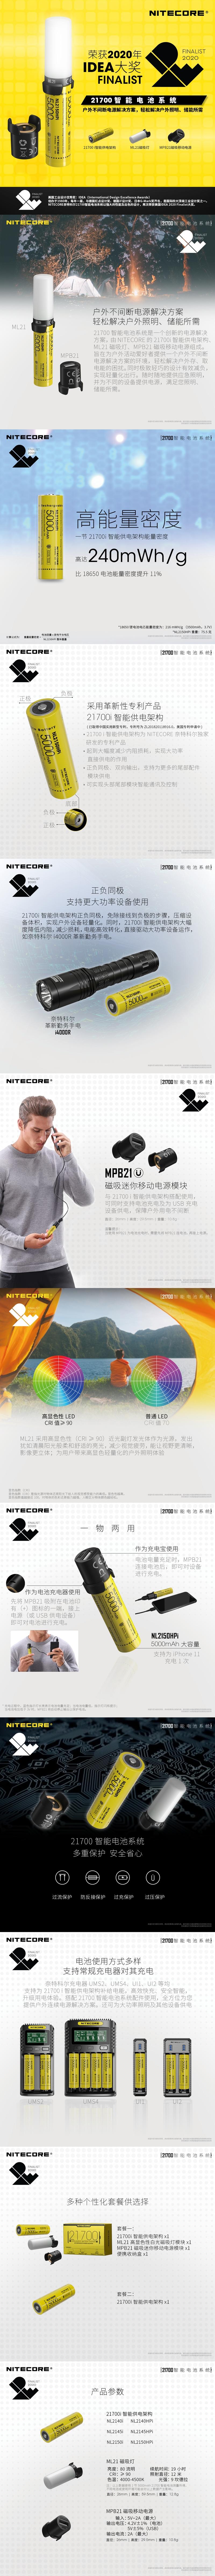 【錸特光電 手電筒專賣店】NITECORE 21700 i智能充電器組 5000mAh 行動電源 CRI 露營燈 磁吸照明 21700 i Series Battery MPB21 Magnetic Power BanK ML21  (1)